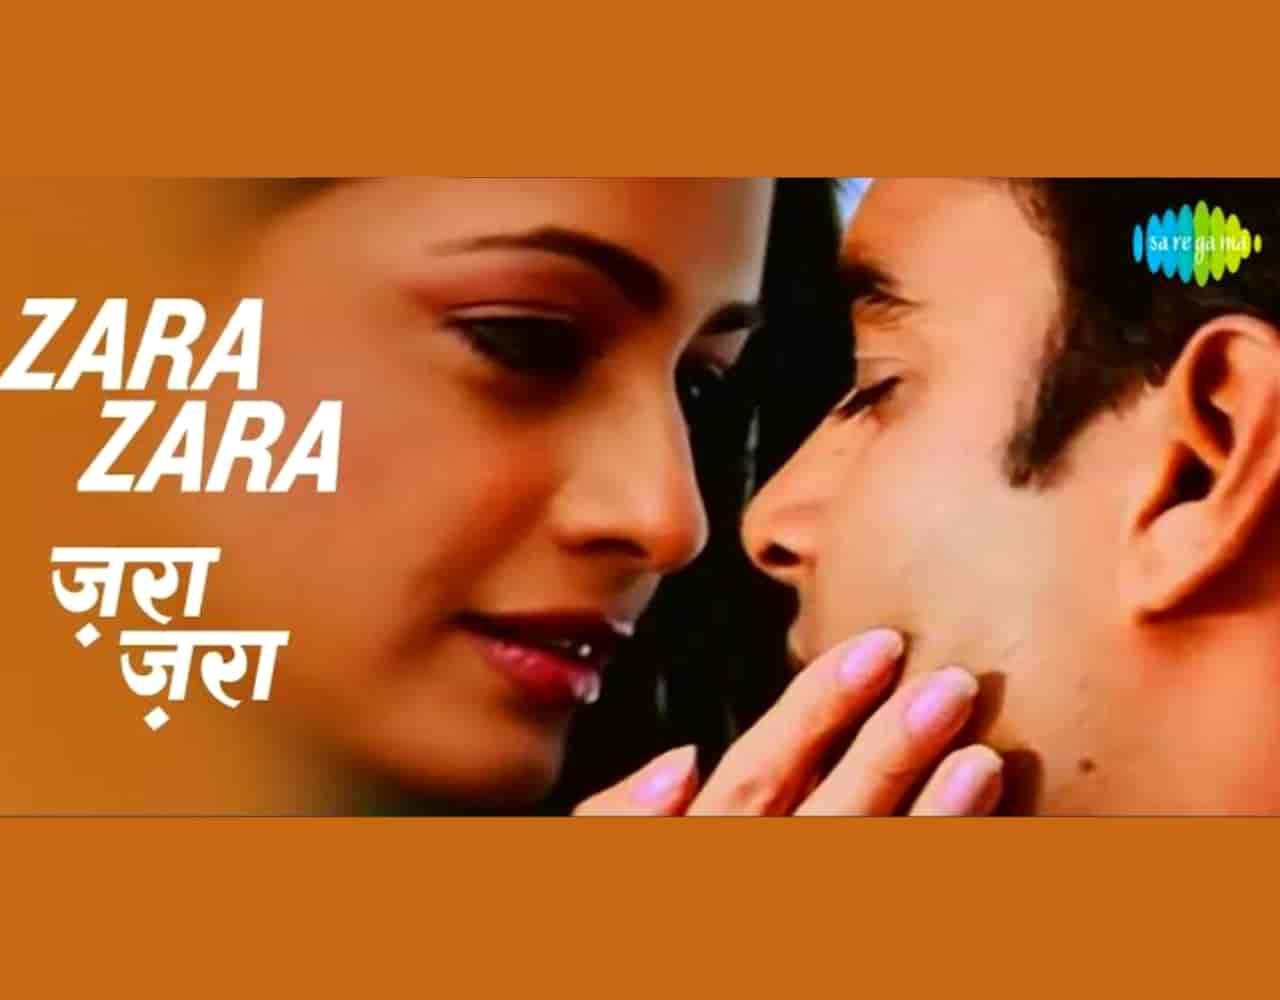 Zara Zara Hindi Romantic Song Lyrics, Sung By Bombay Jayashri.